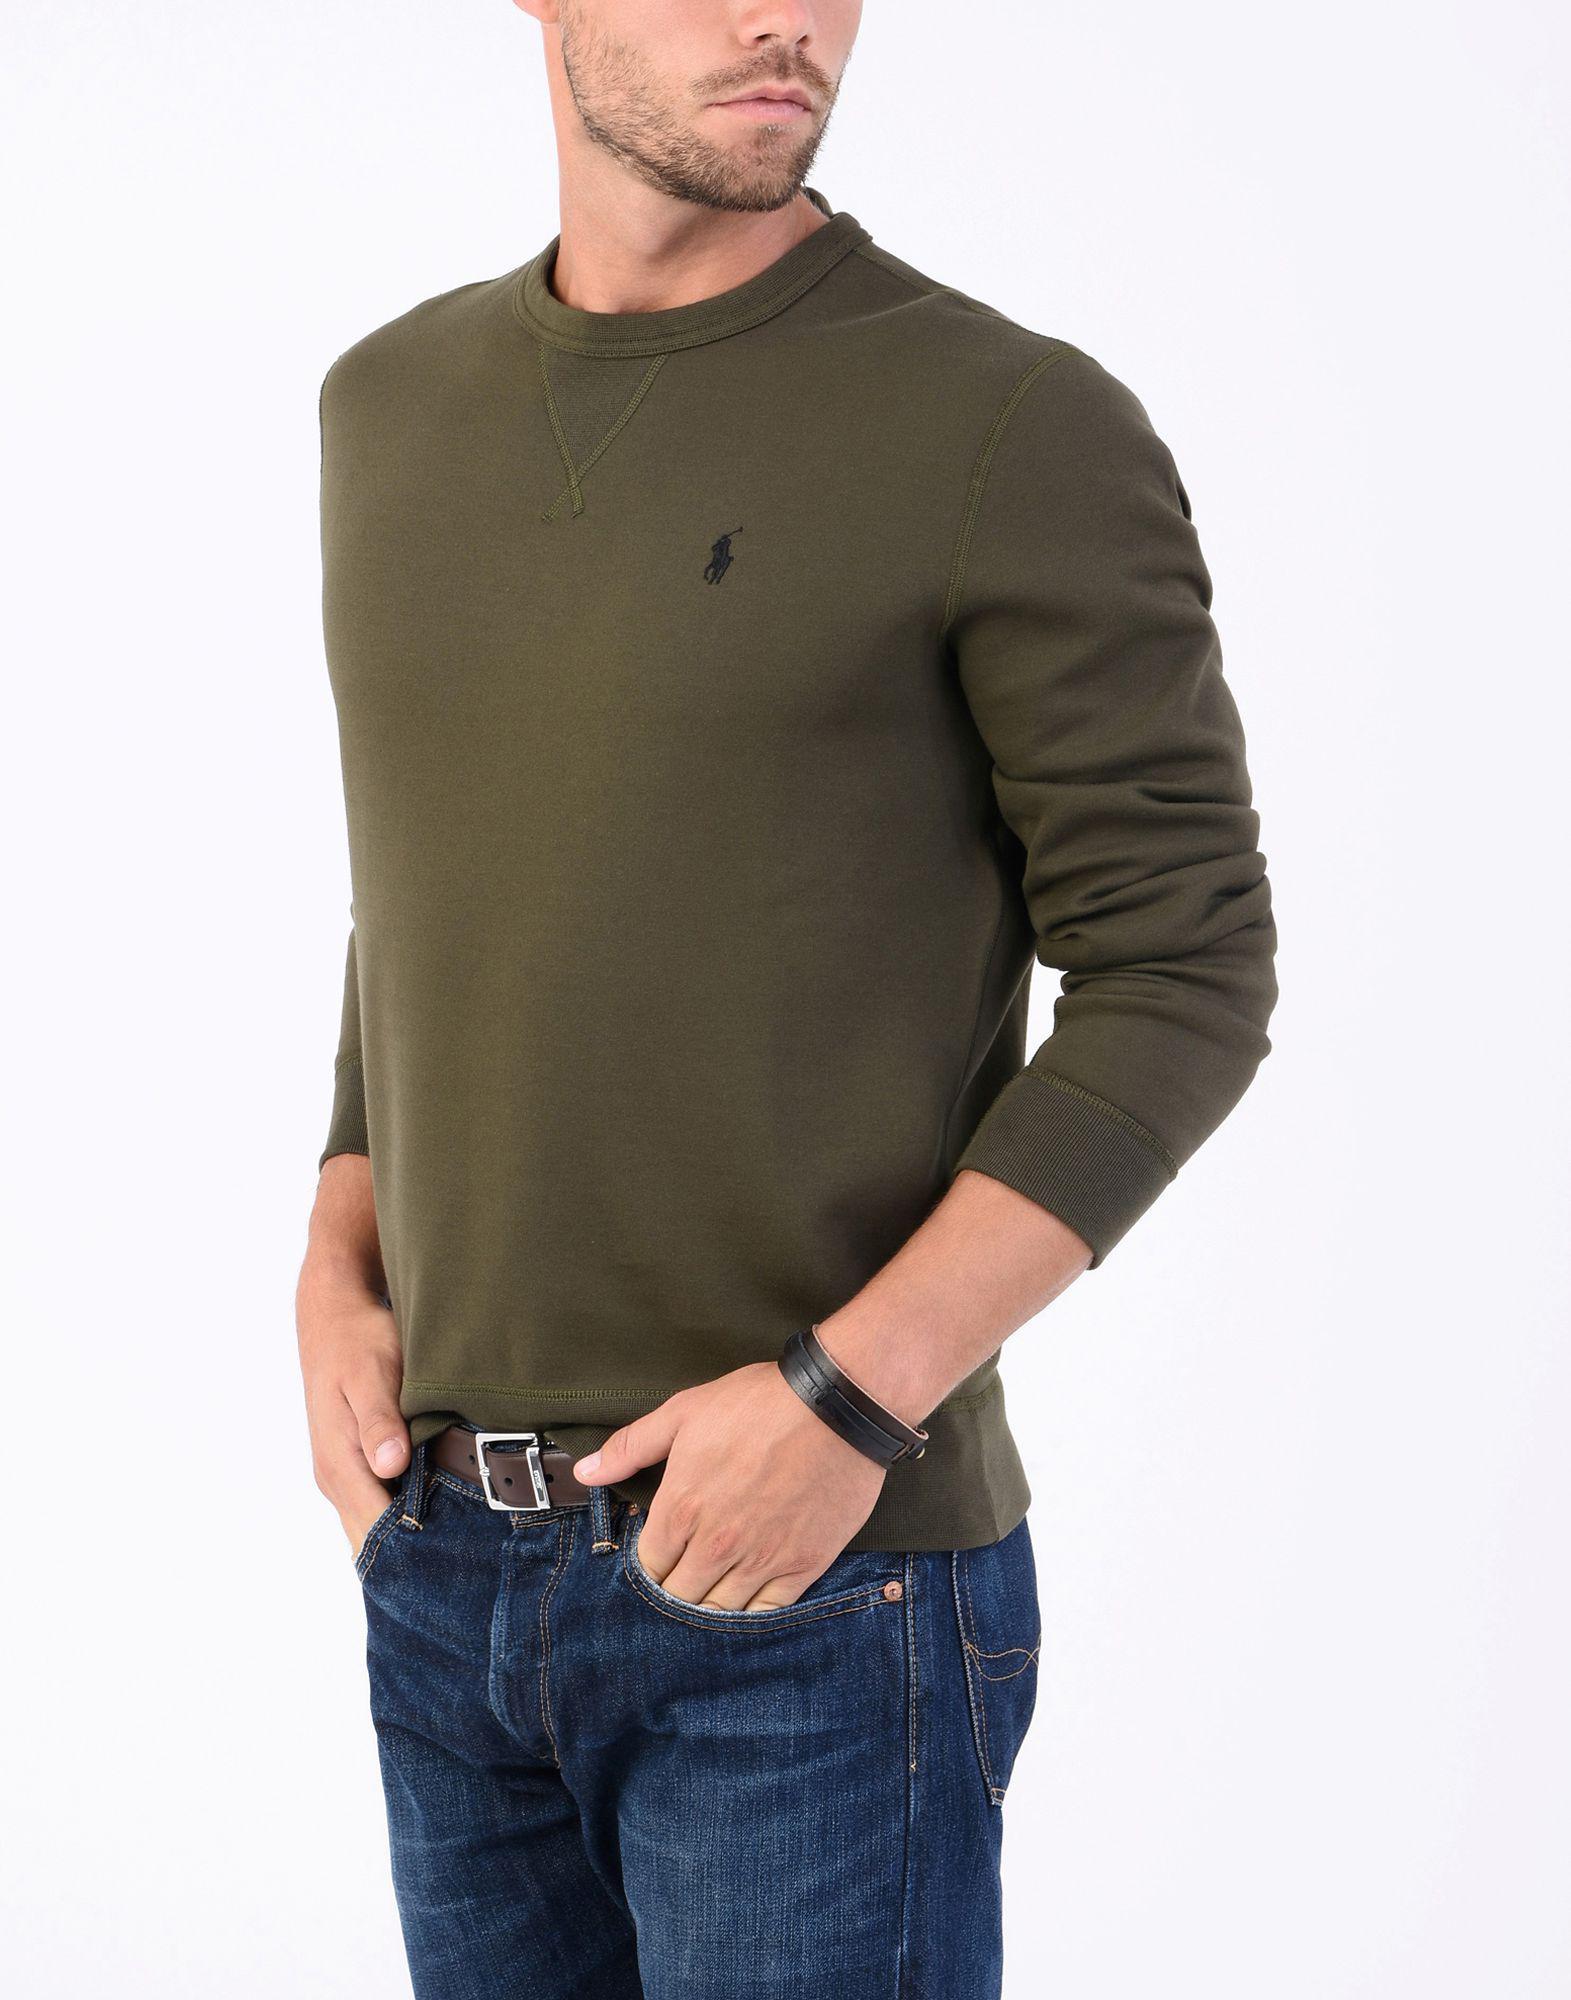 Homme Shirt Sweat Vert De Coloris 8wvmNn0